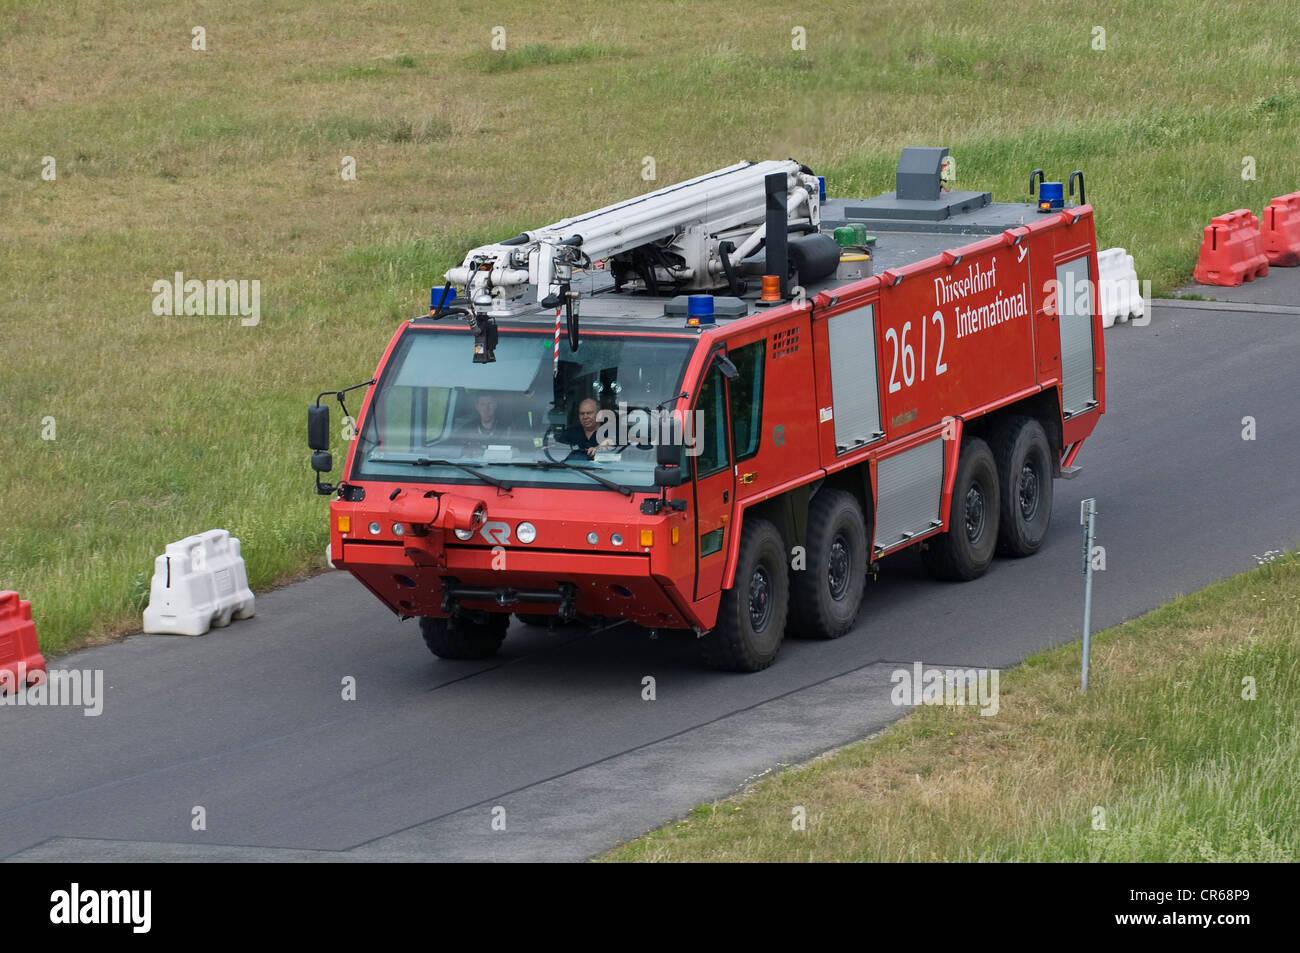 Veicolo di emergenza dei vigili del fuoco, Duesseldorf Aeroporto internazionale di Duesseldorf, nella Renania settentrionale Immagini Stock